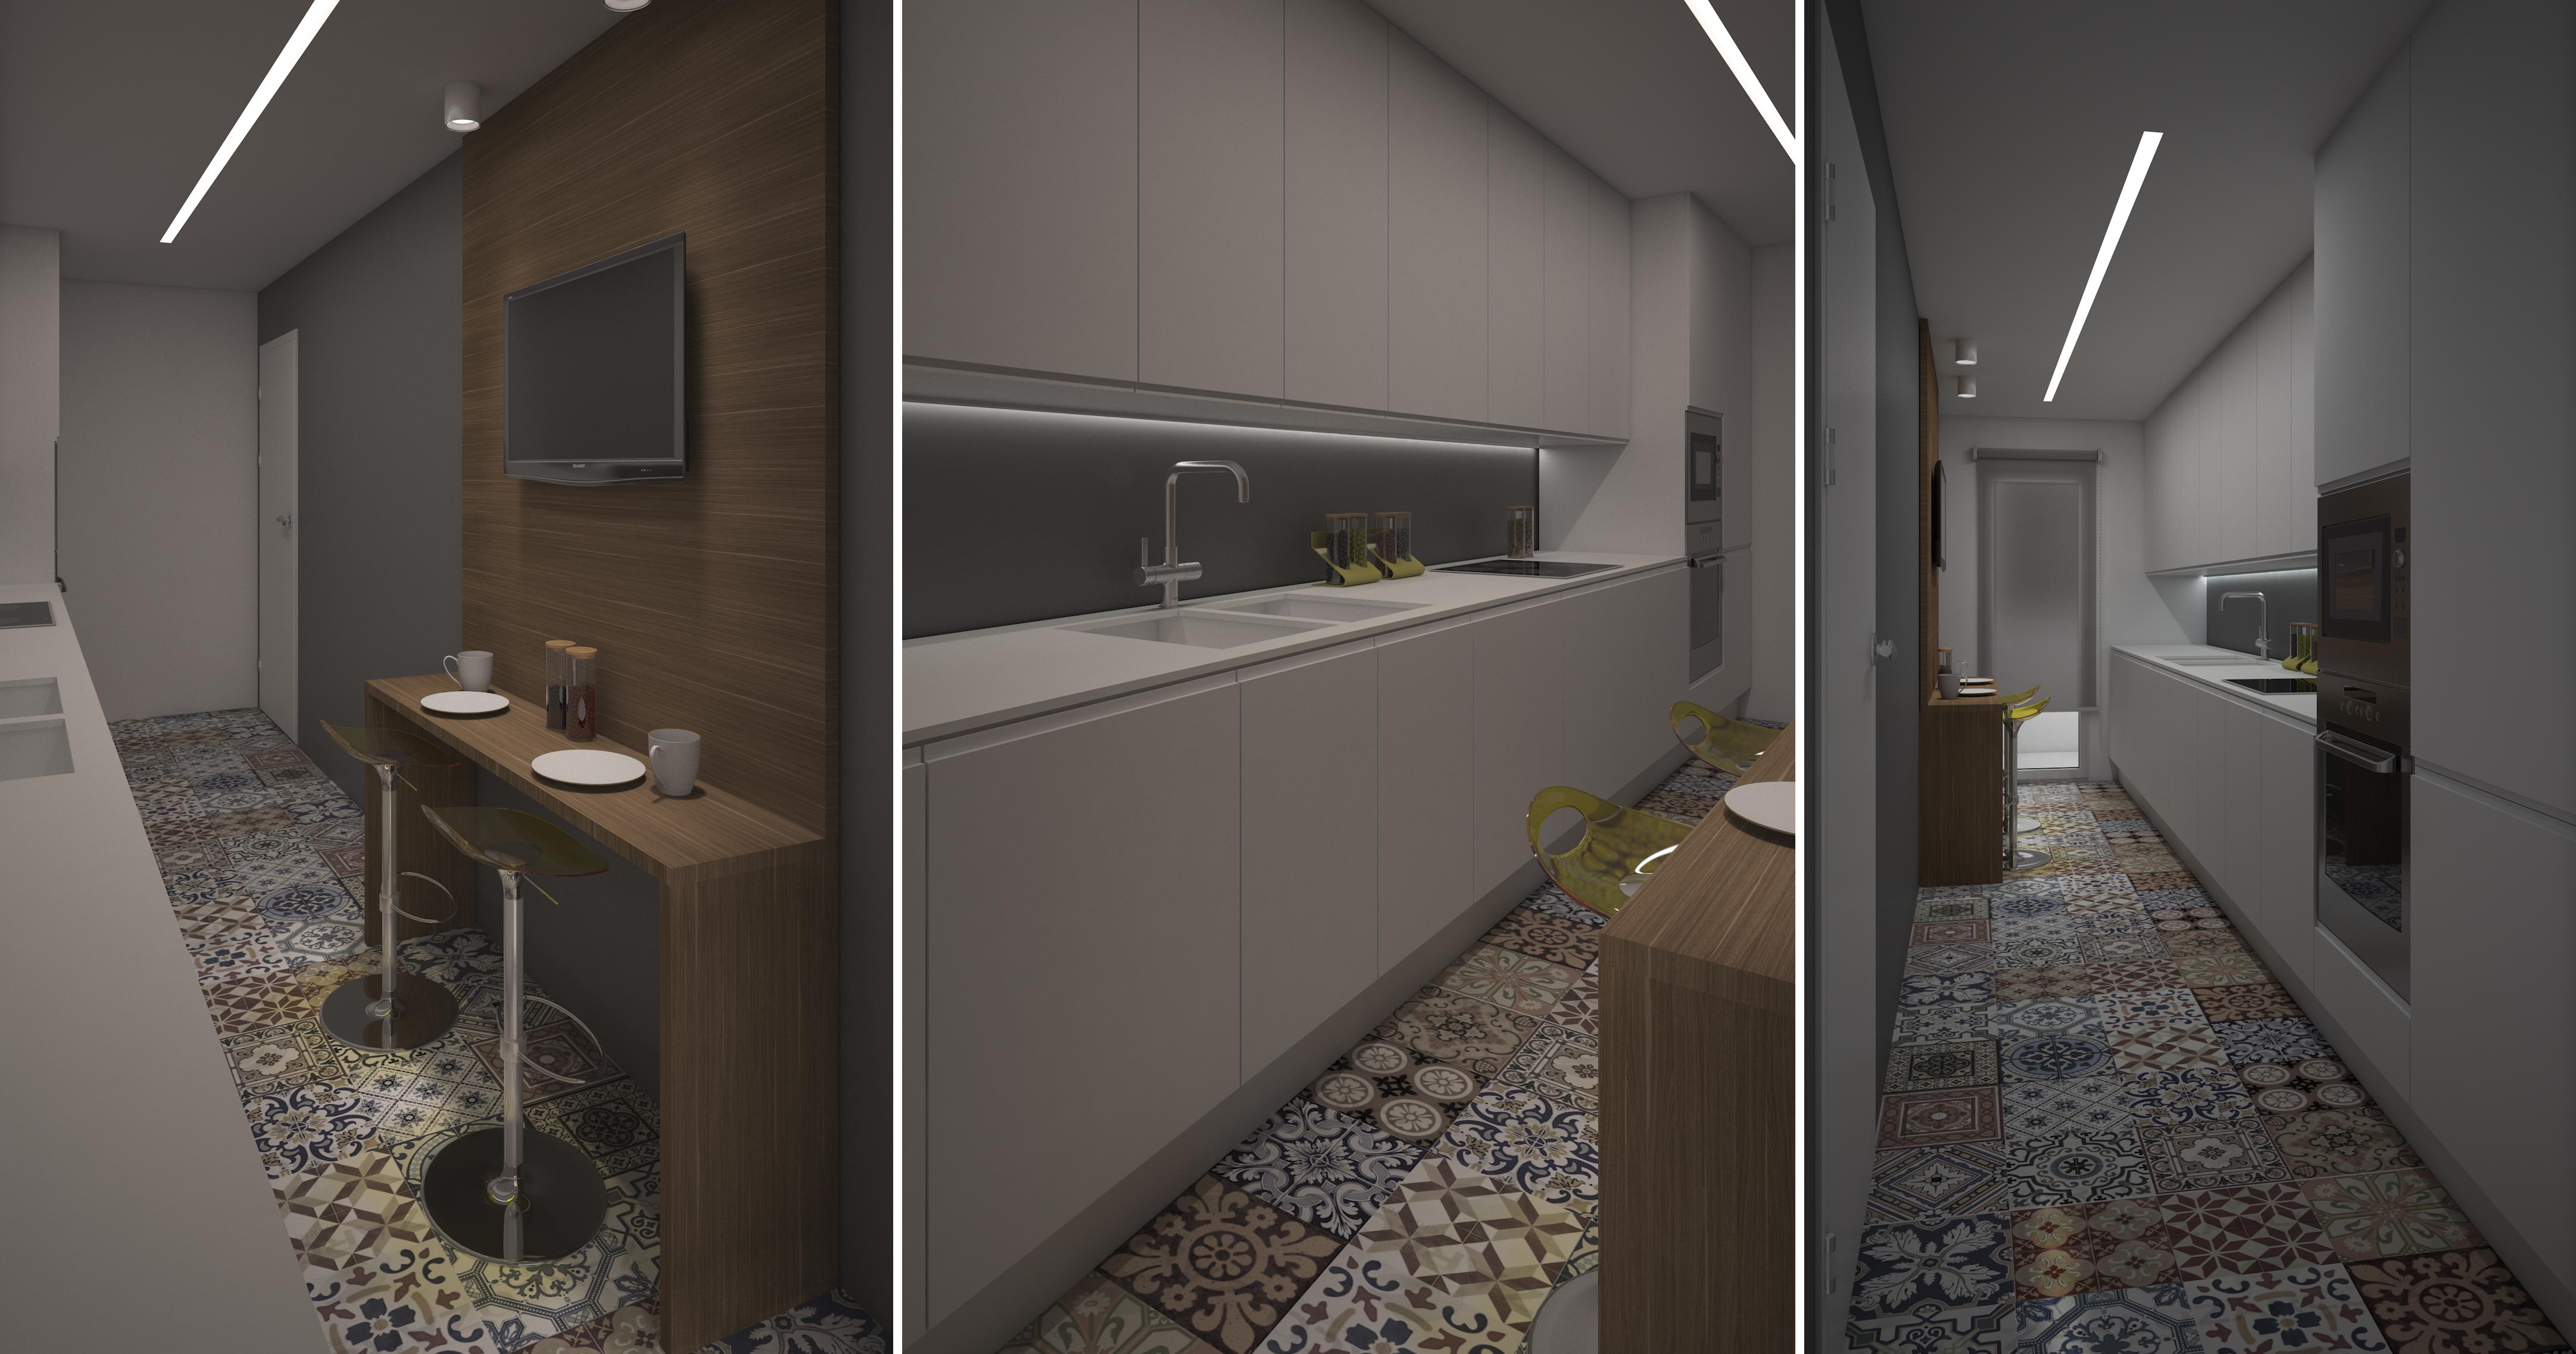 Dise o de cocinas valencia proyectos interiorismo 3d for Diseno cocinas 3d gratis espanol